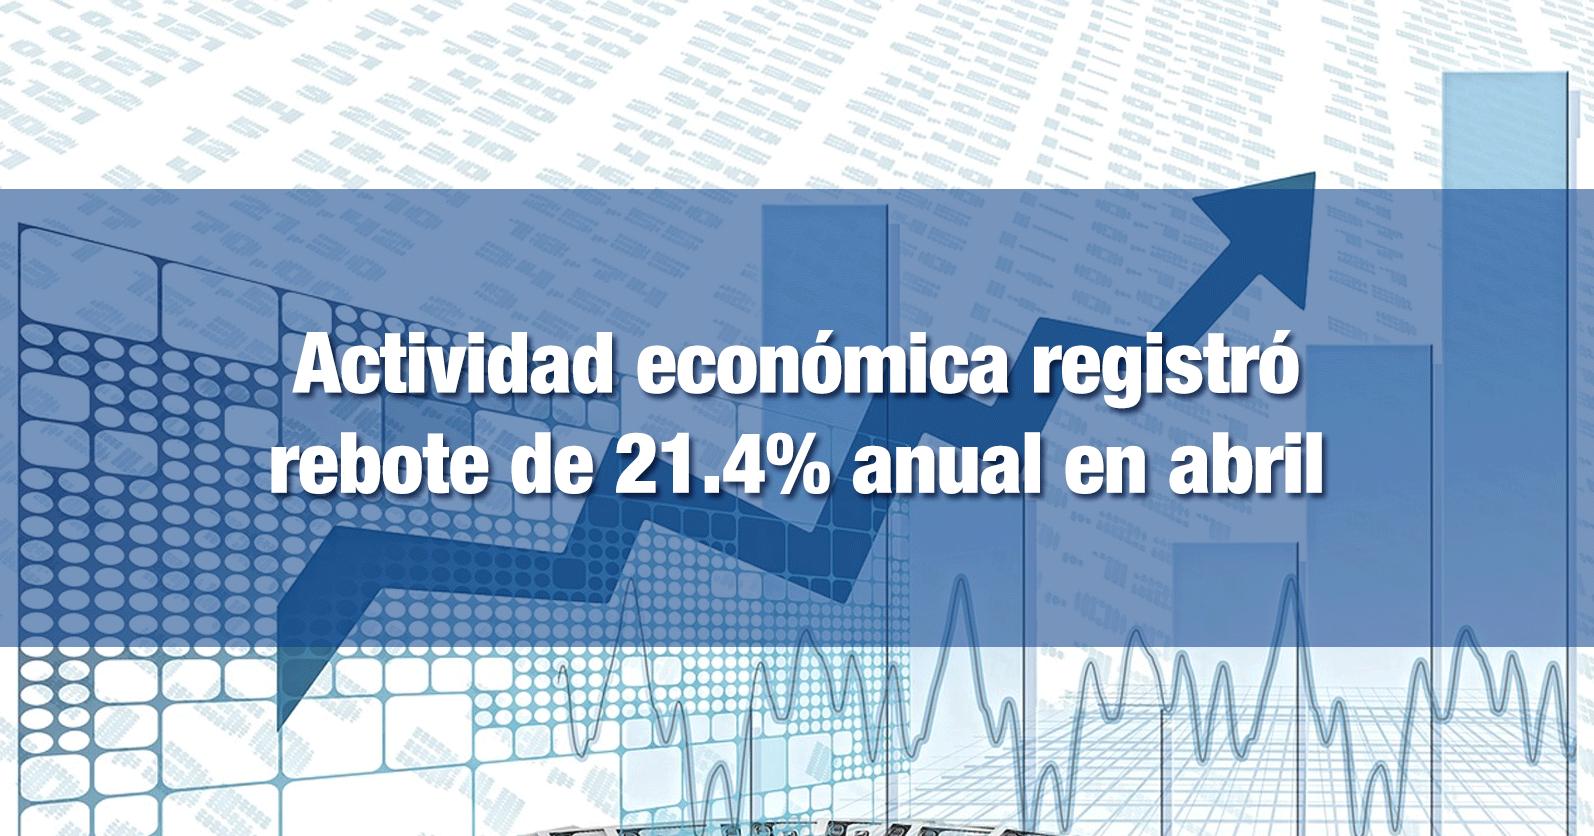 Actividad económica registró rebote de 21.4% anual en abril